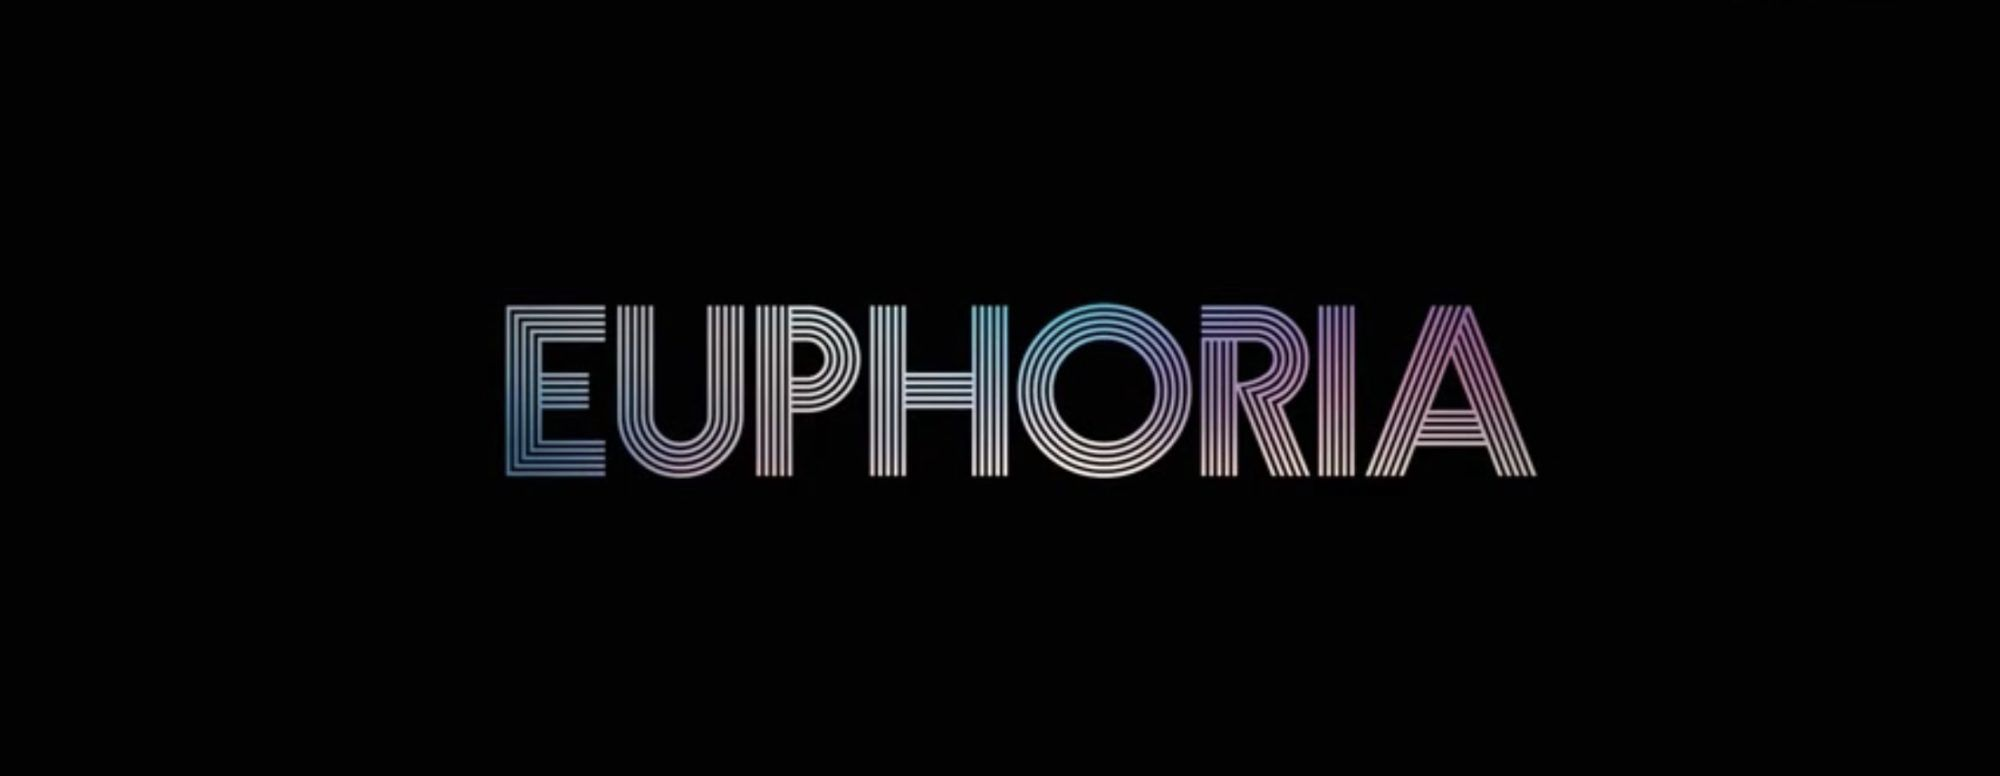 Euphoria: una serie sulla Dipendenza | Dipendiamo.blog